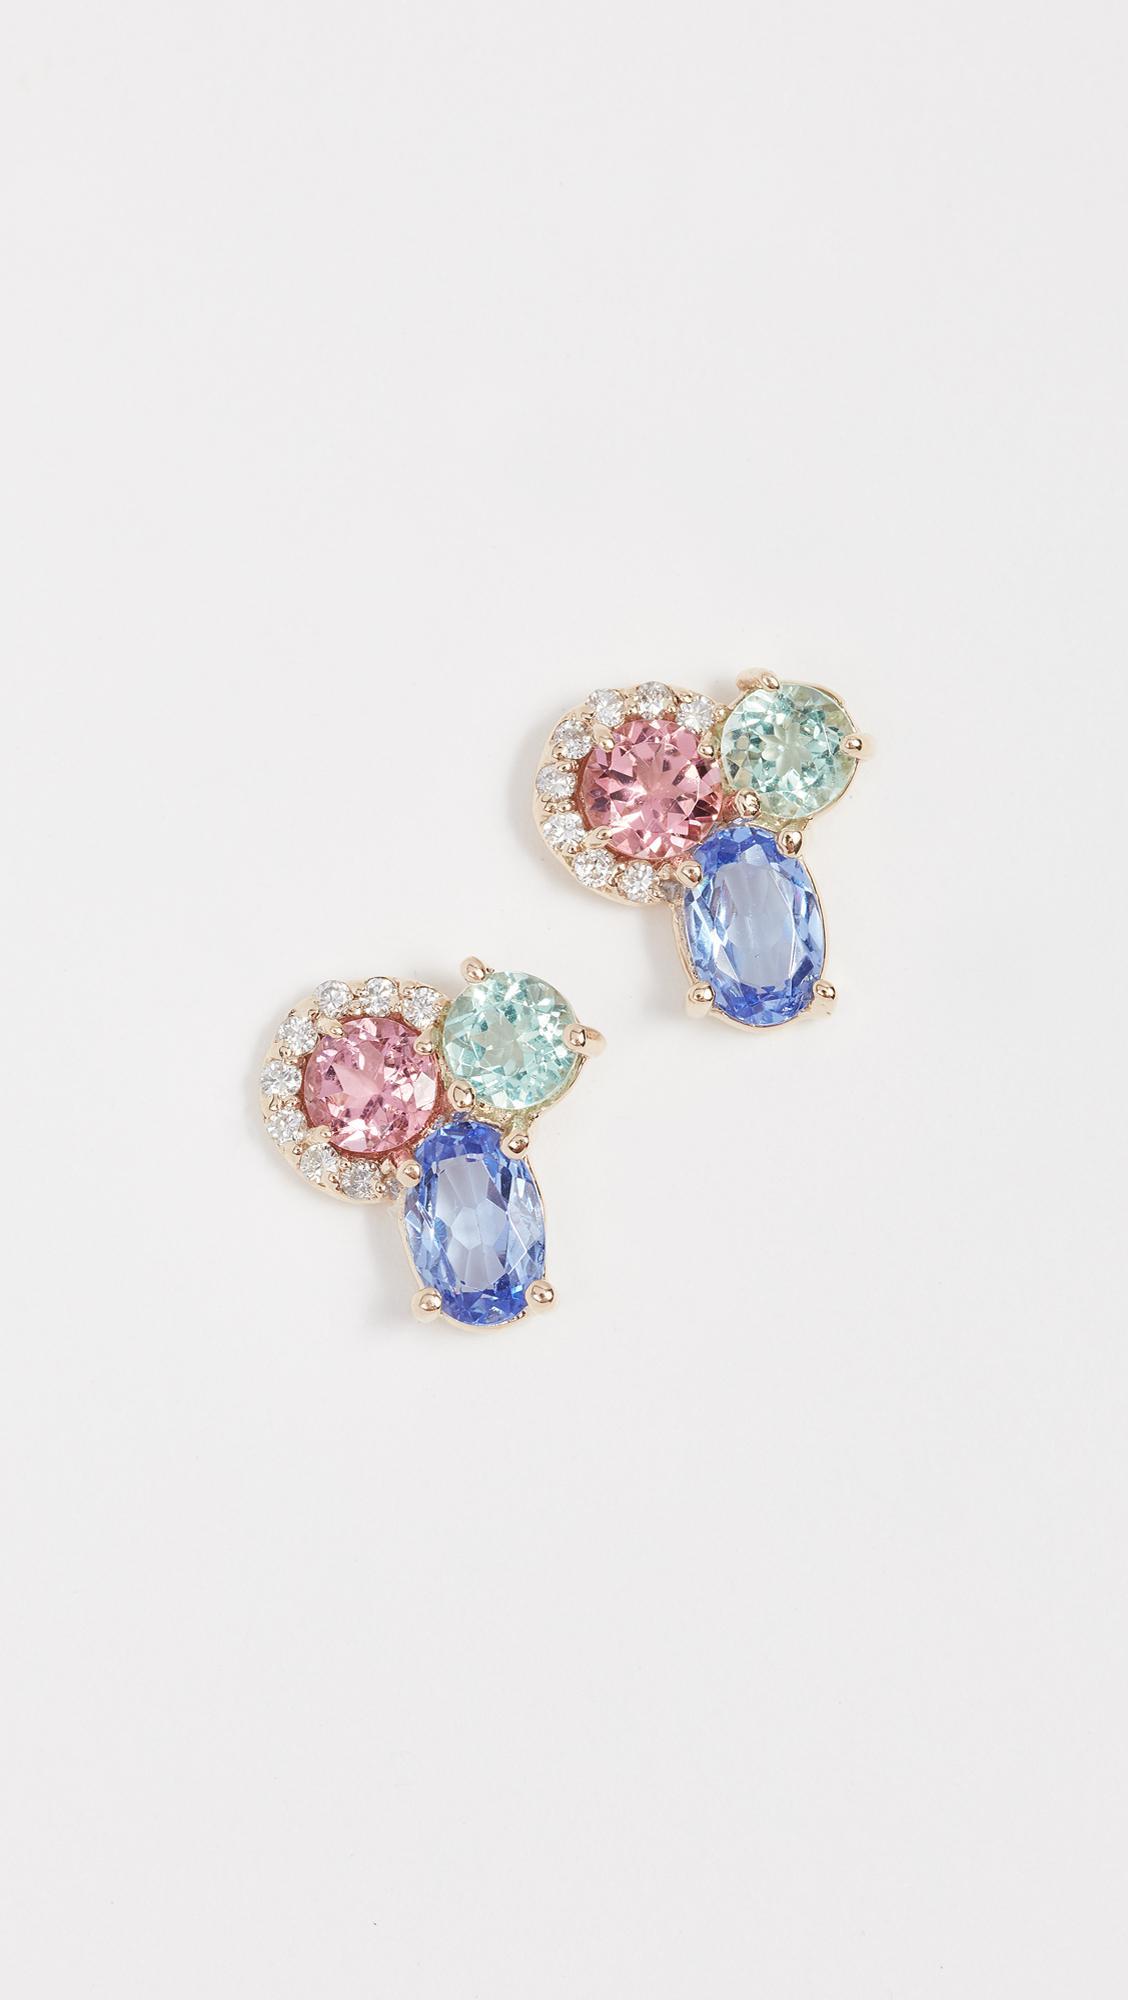 Eden Presley 14k Gold Sapphire Earrings H4fEu0Tr8